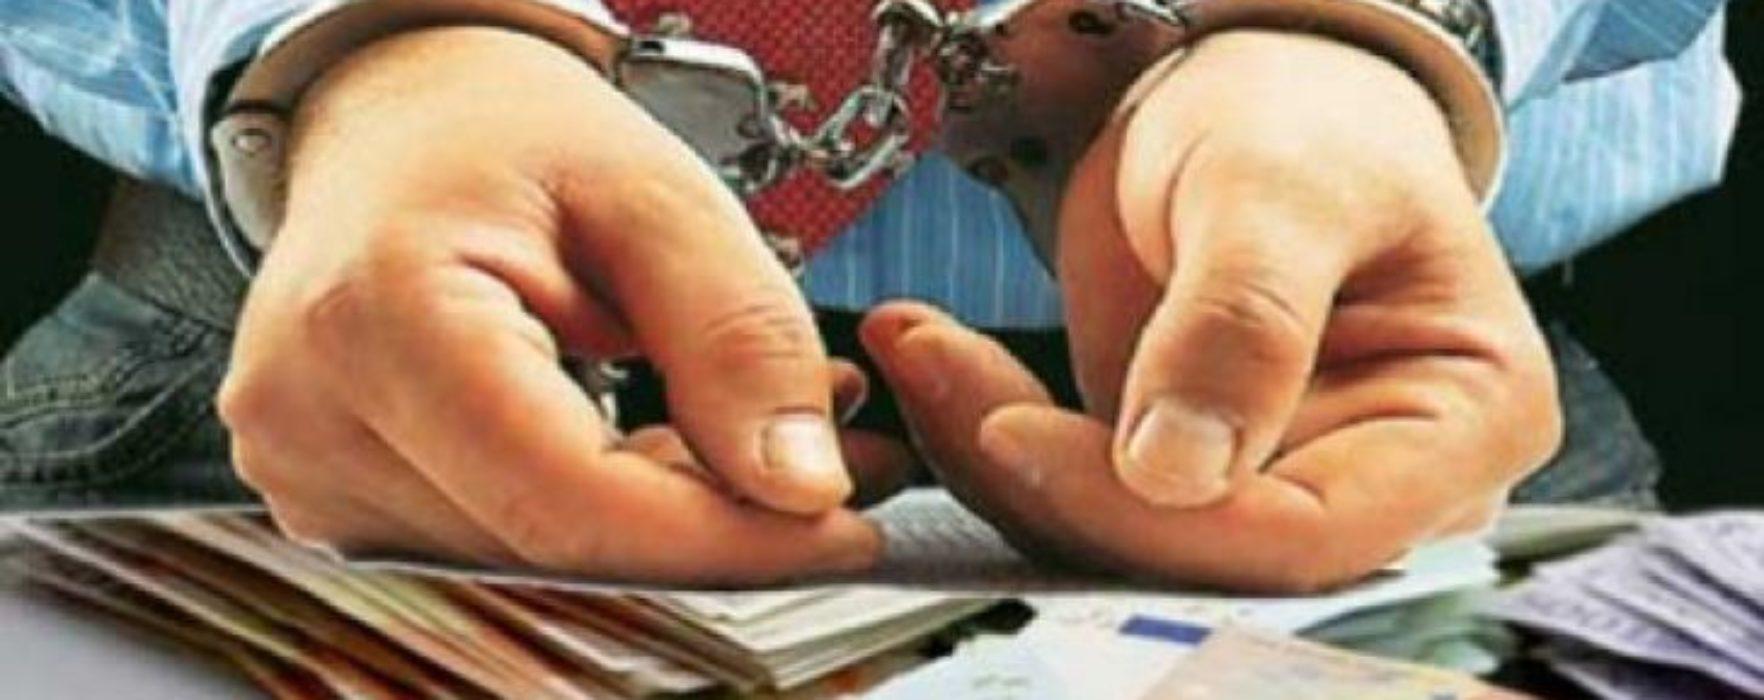 Poliţia Dâmboviţa: Reţinuţi pentru emiterea de sute de facturi privind operaţiuni nereale